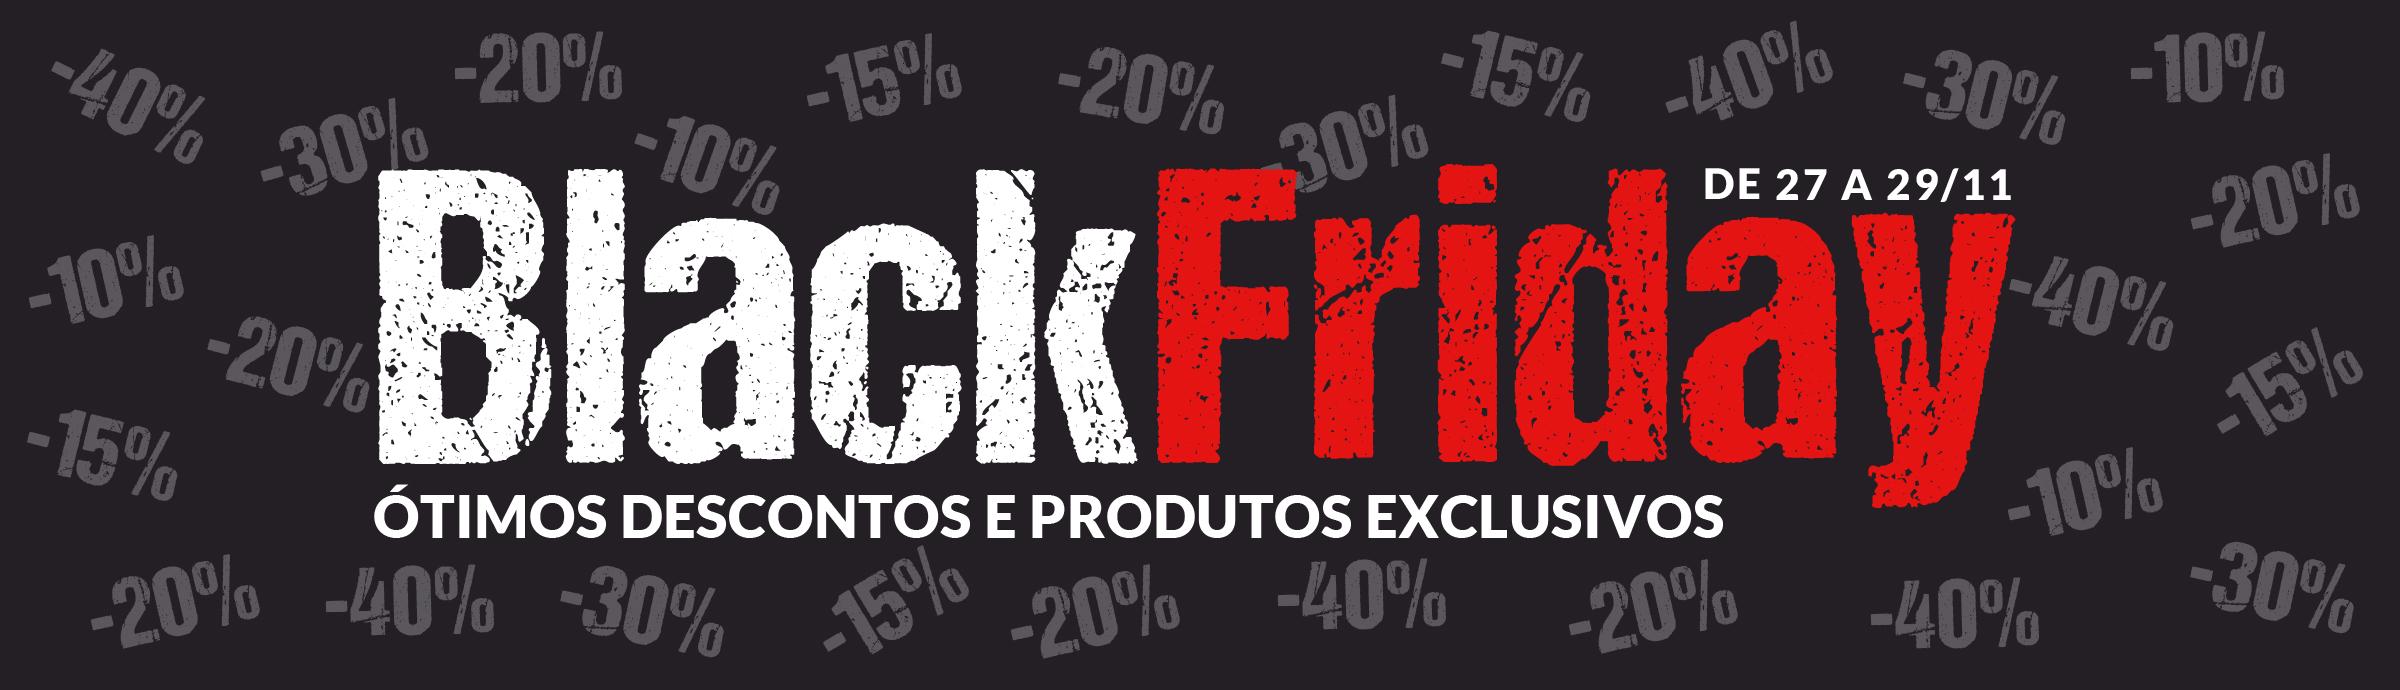 Black Friday Bebés Chorões 2020